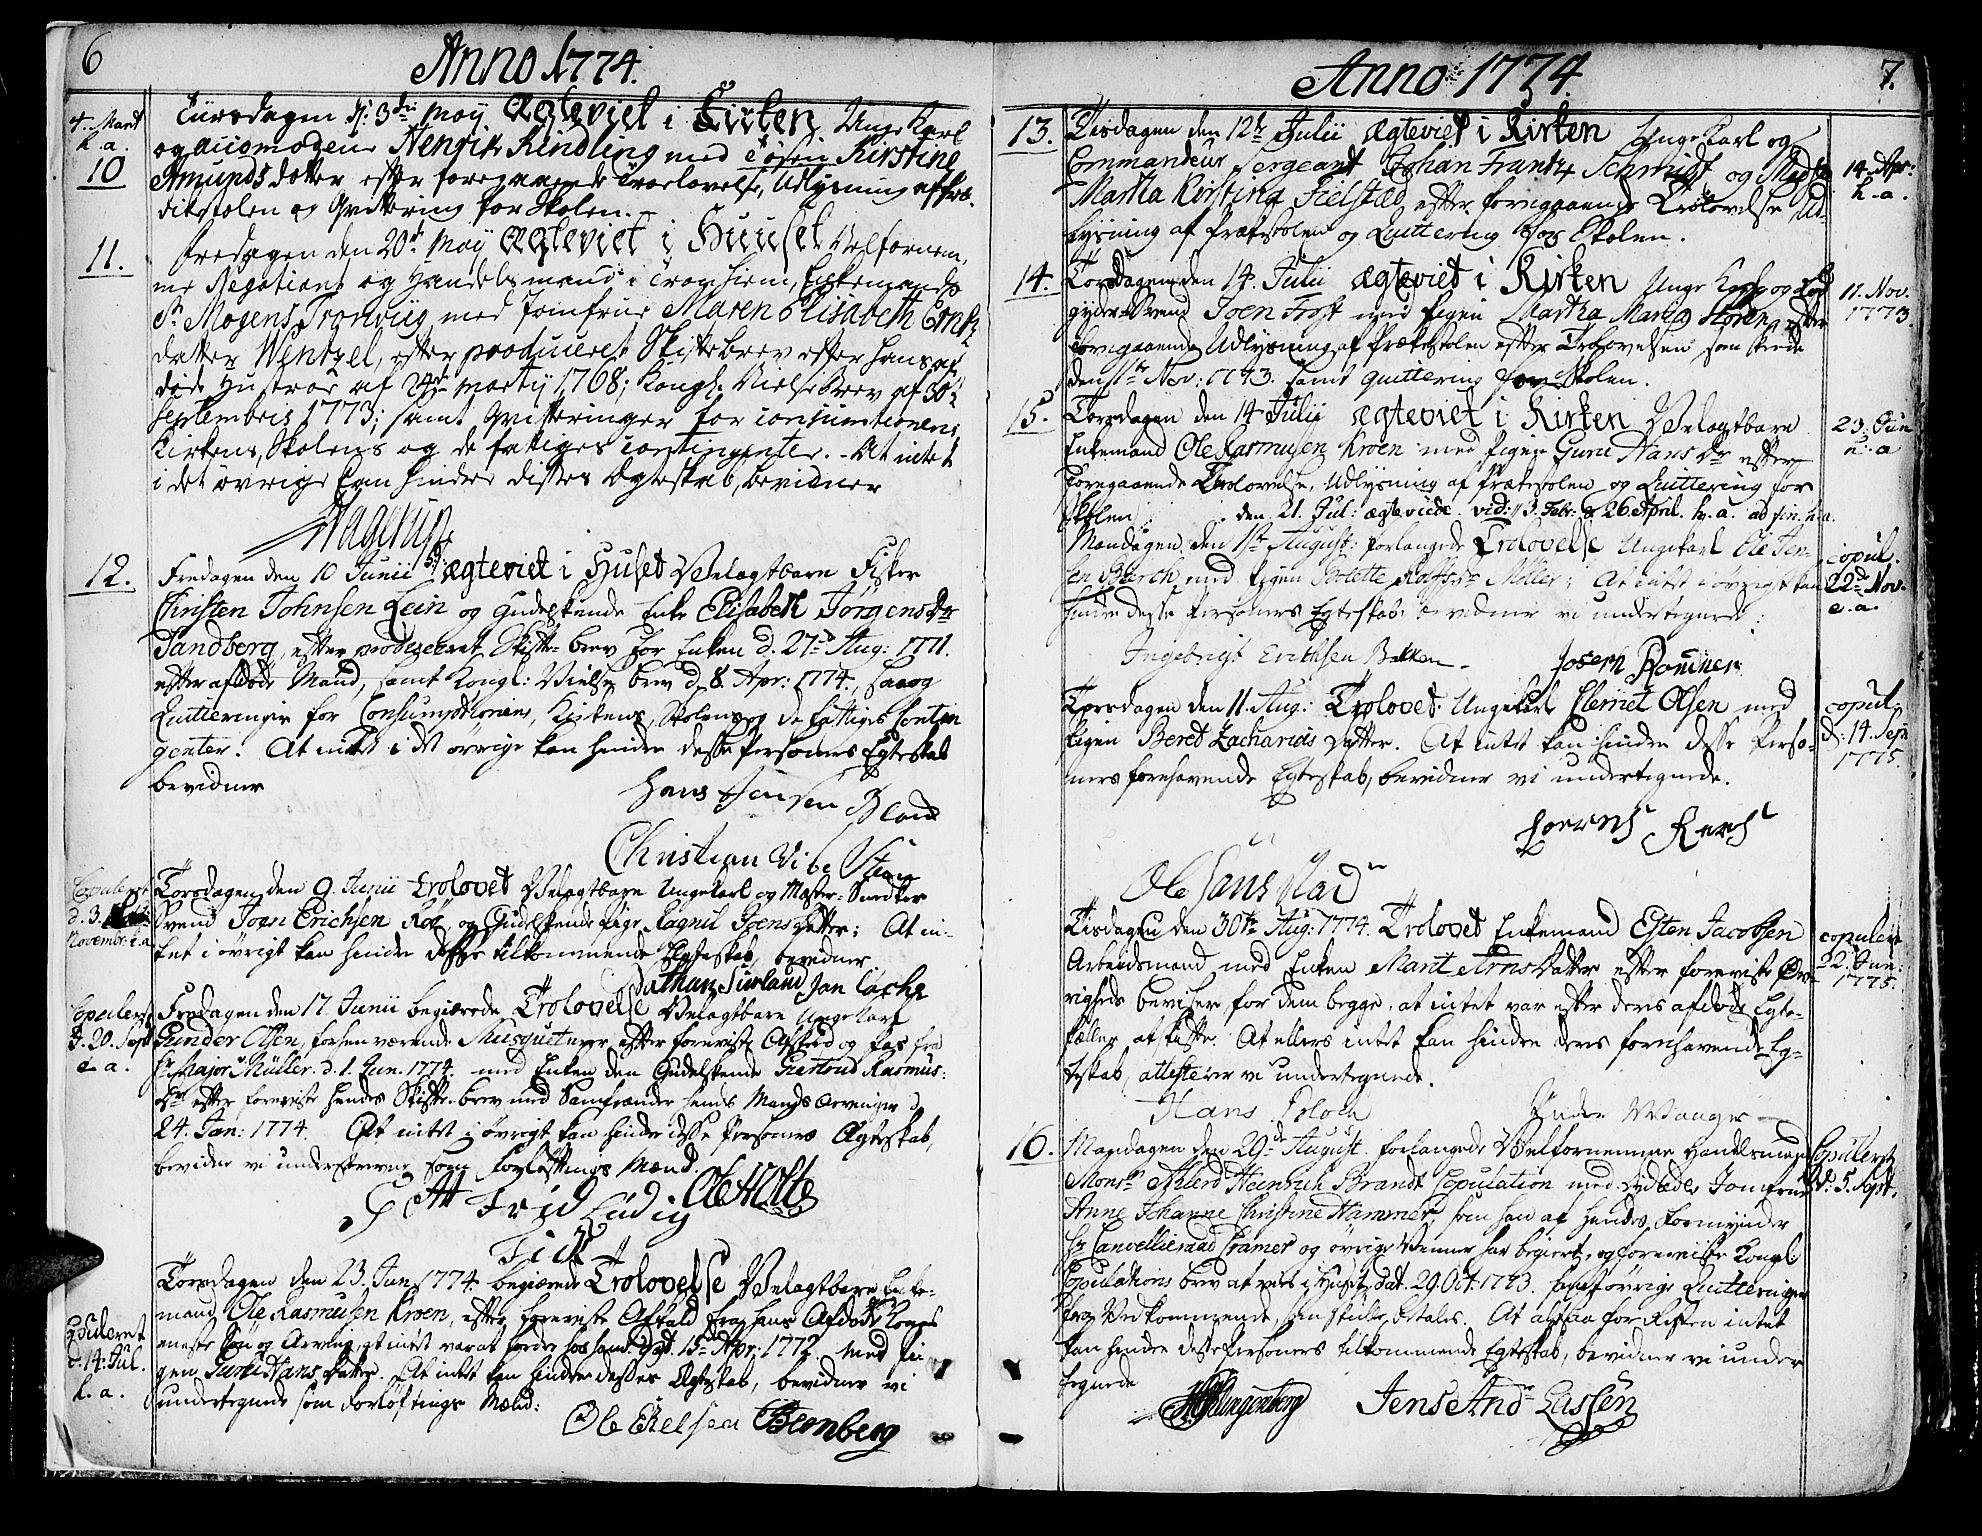 SAT, Ministerialprotokoller, klokkerbøker og fødselsregistre - Sør-Trøndelag, 602/L0105: Ministerialbok nr. 602A03, 1774-1814, s. 6-7